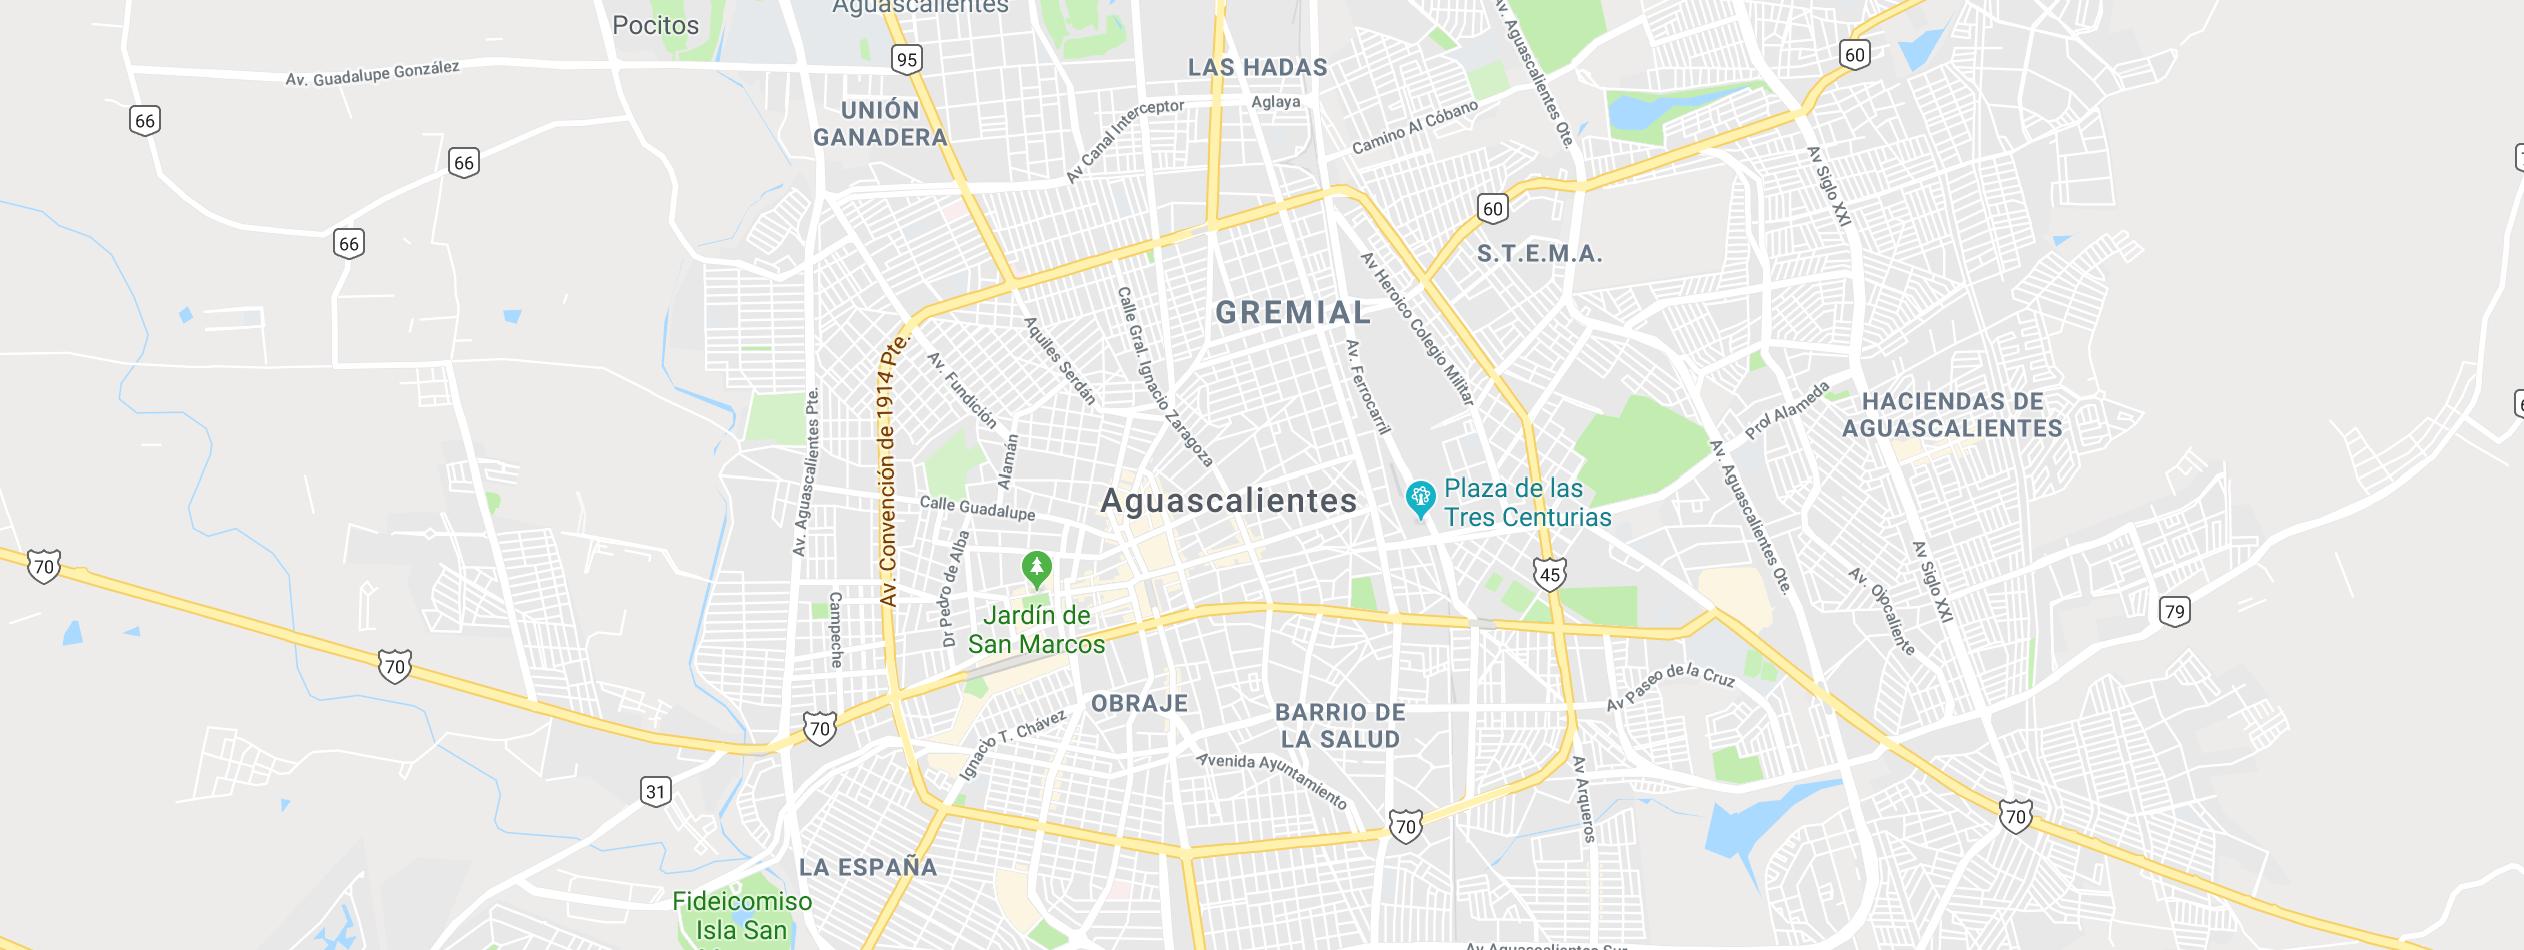 O - Mapa de Aguascalientes